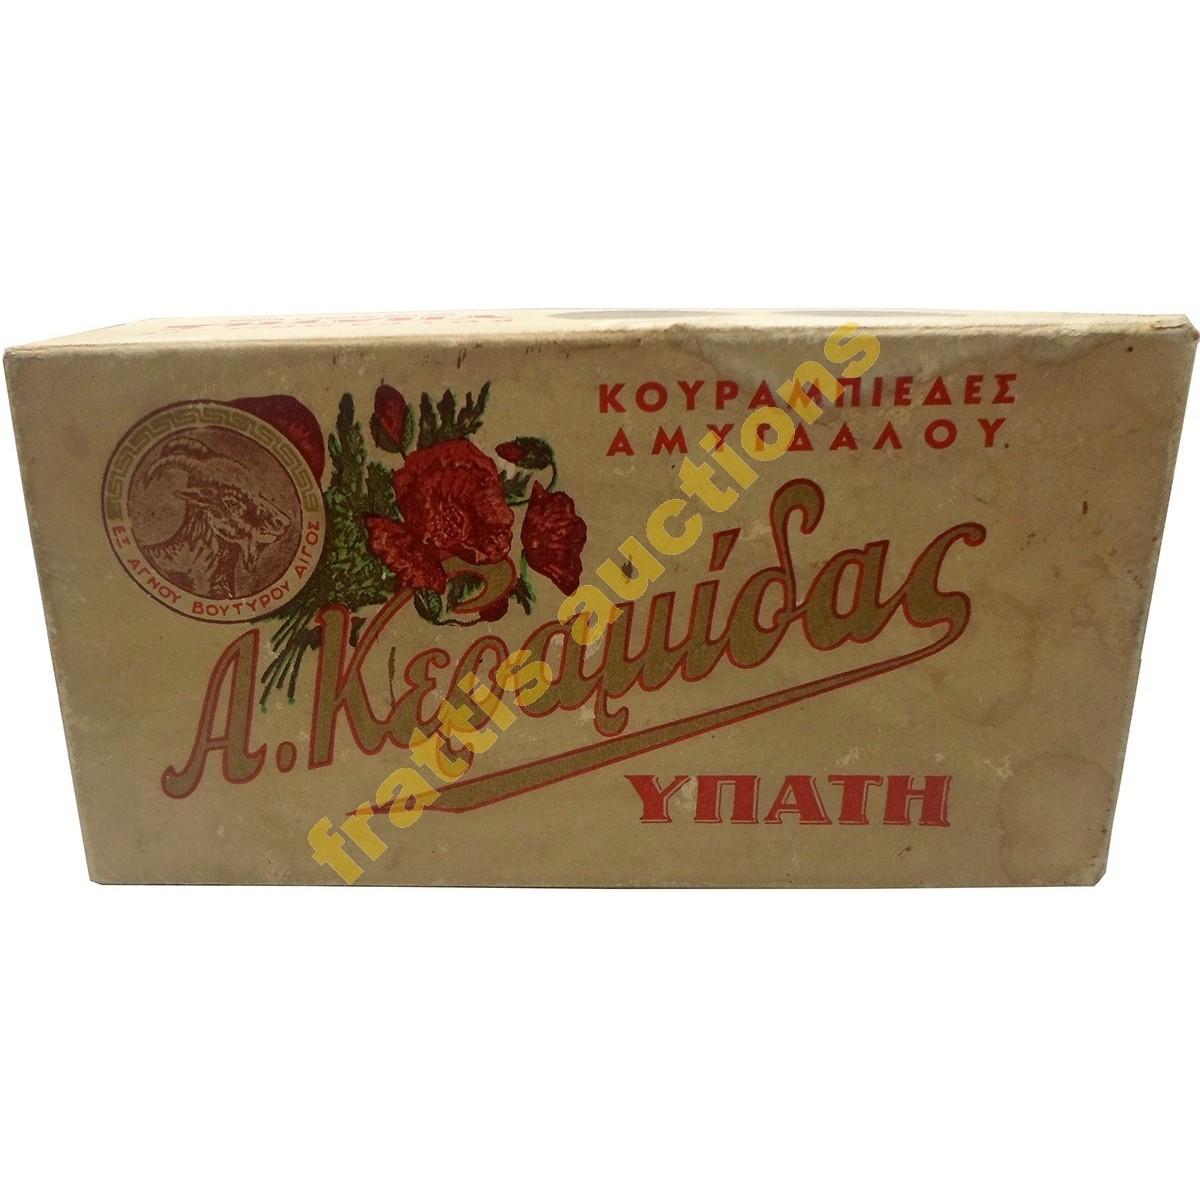 Κουραμπιέδες Υπάτης, Α.Κεραμίδας, χάρτινο κουτί.